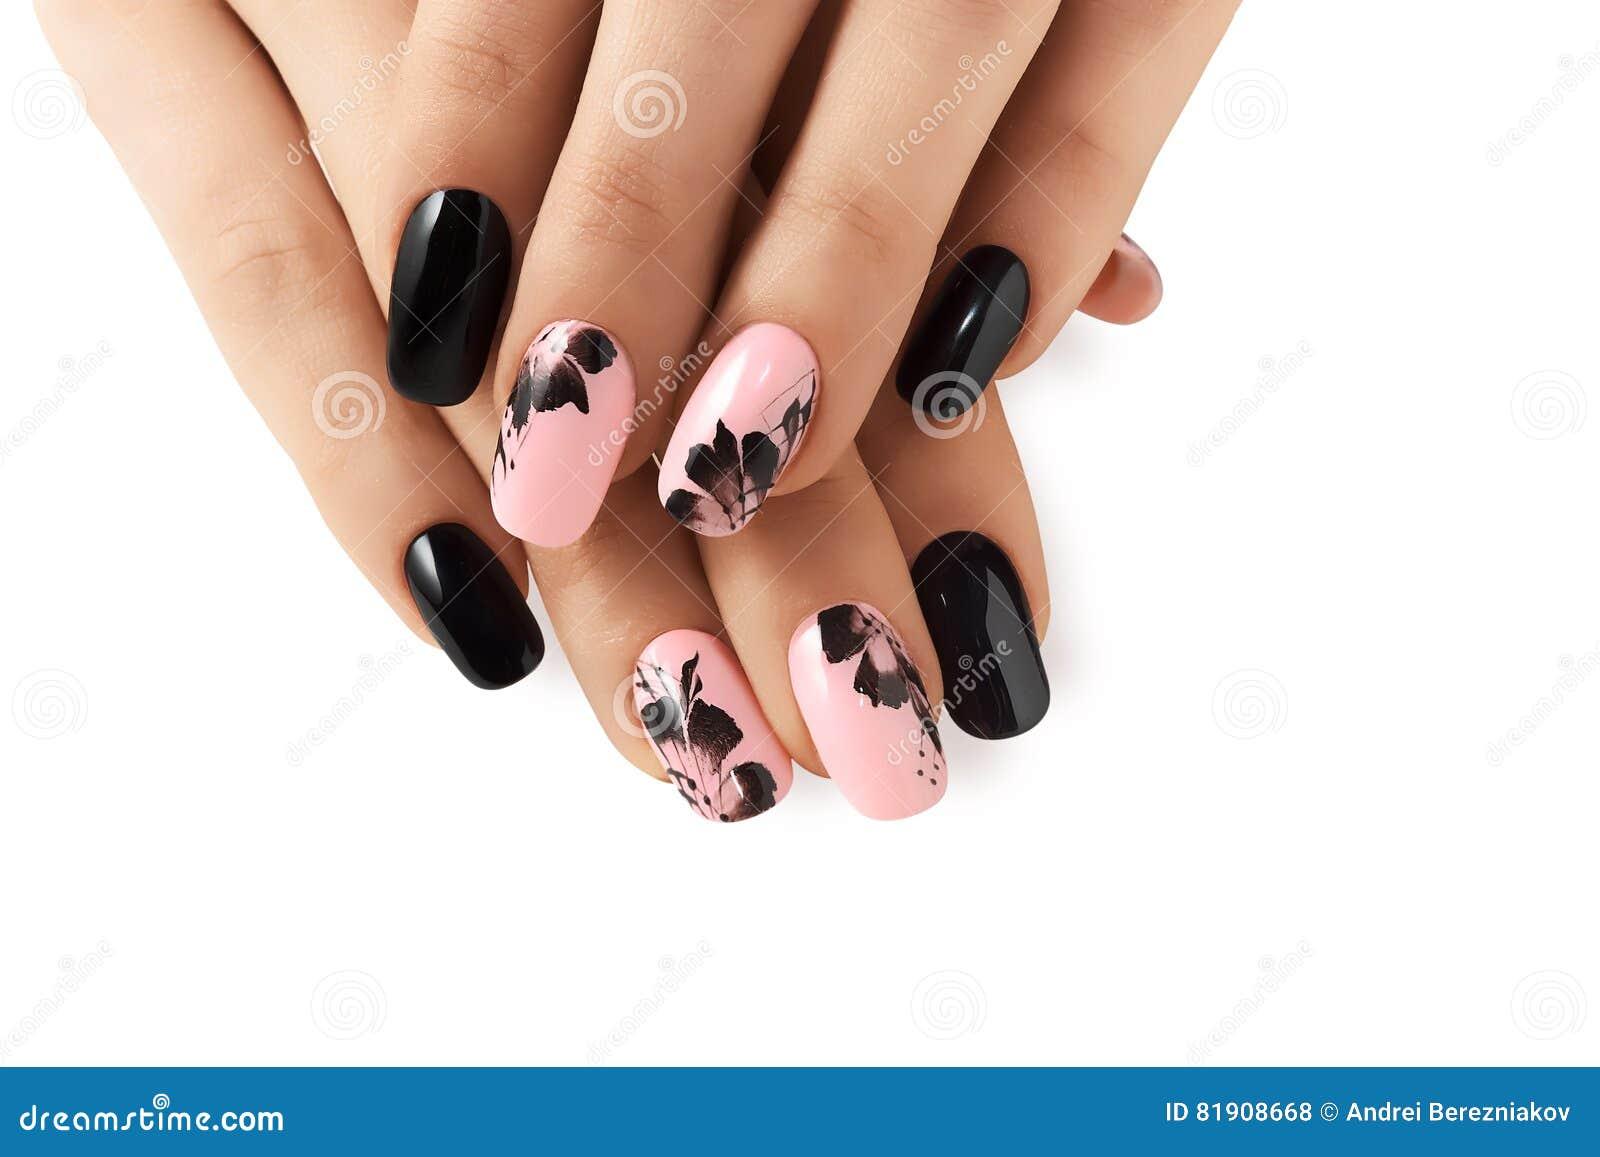 Абстрактный цветочный узор на ногтях